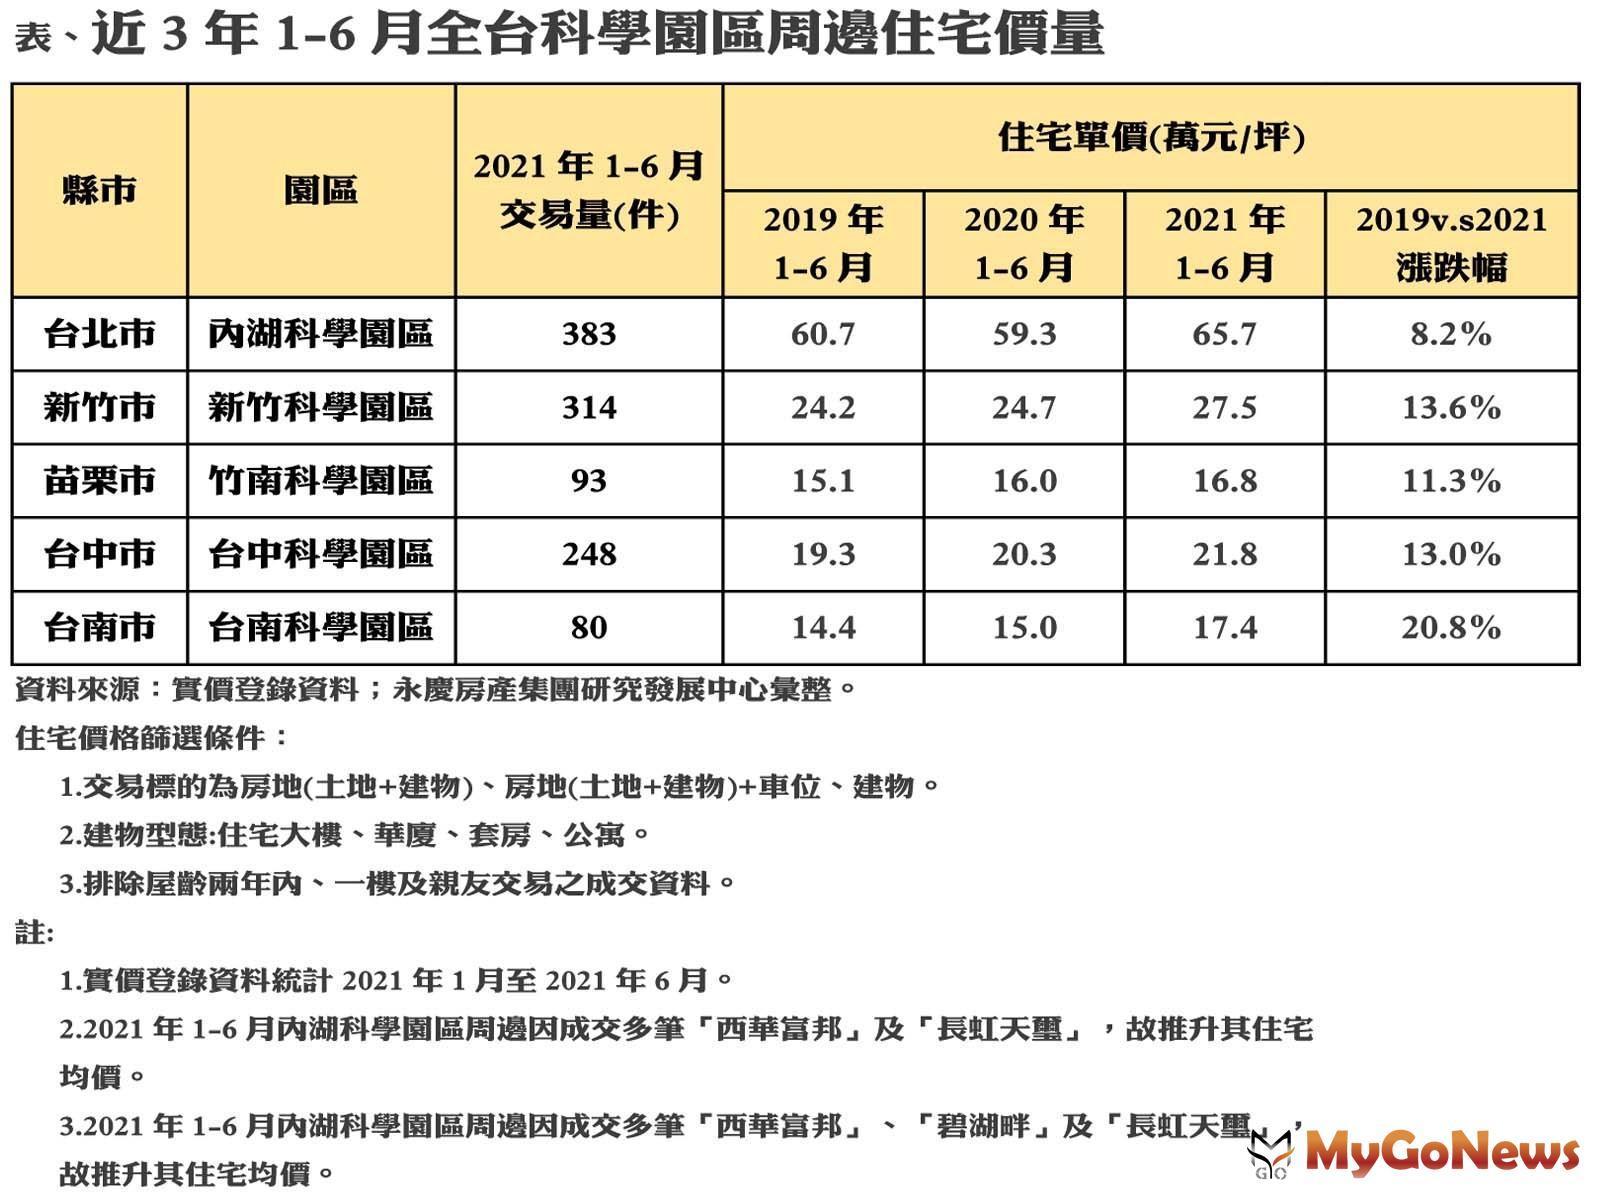 全台主要科學園區房市近3年(2019-2021年)房價都有明顯漲幅,以台南科學園區漲20.8居全台之冠 MyGoNews房地產新聞 專題報導